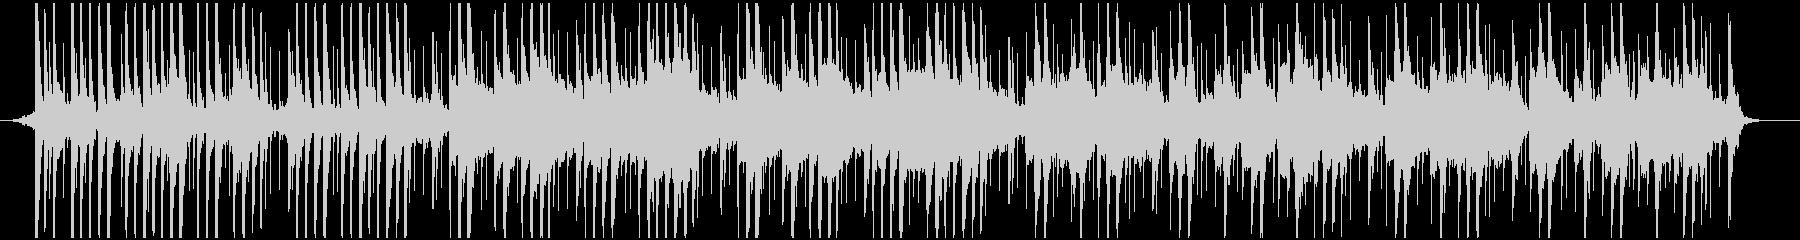 琉球音階を用いた沖縄風のBGMの未再生の波形